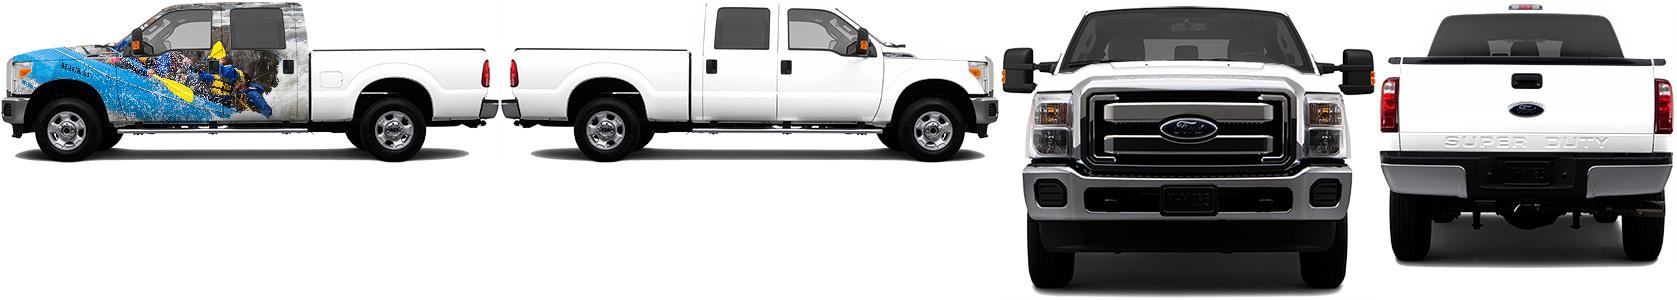 Truck Wrap #53163